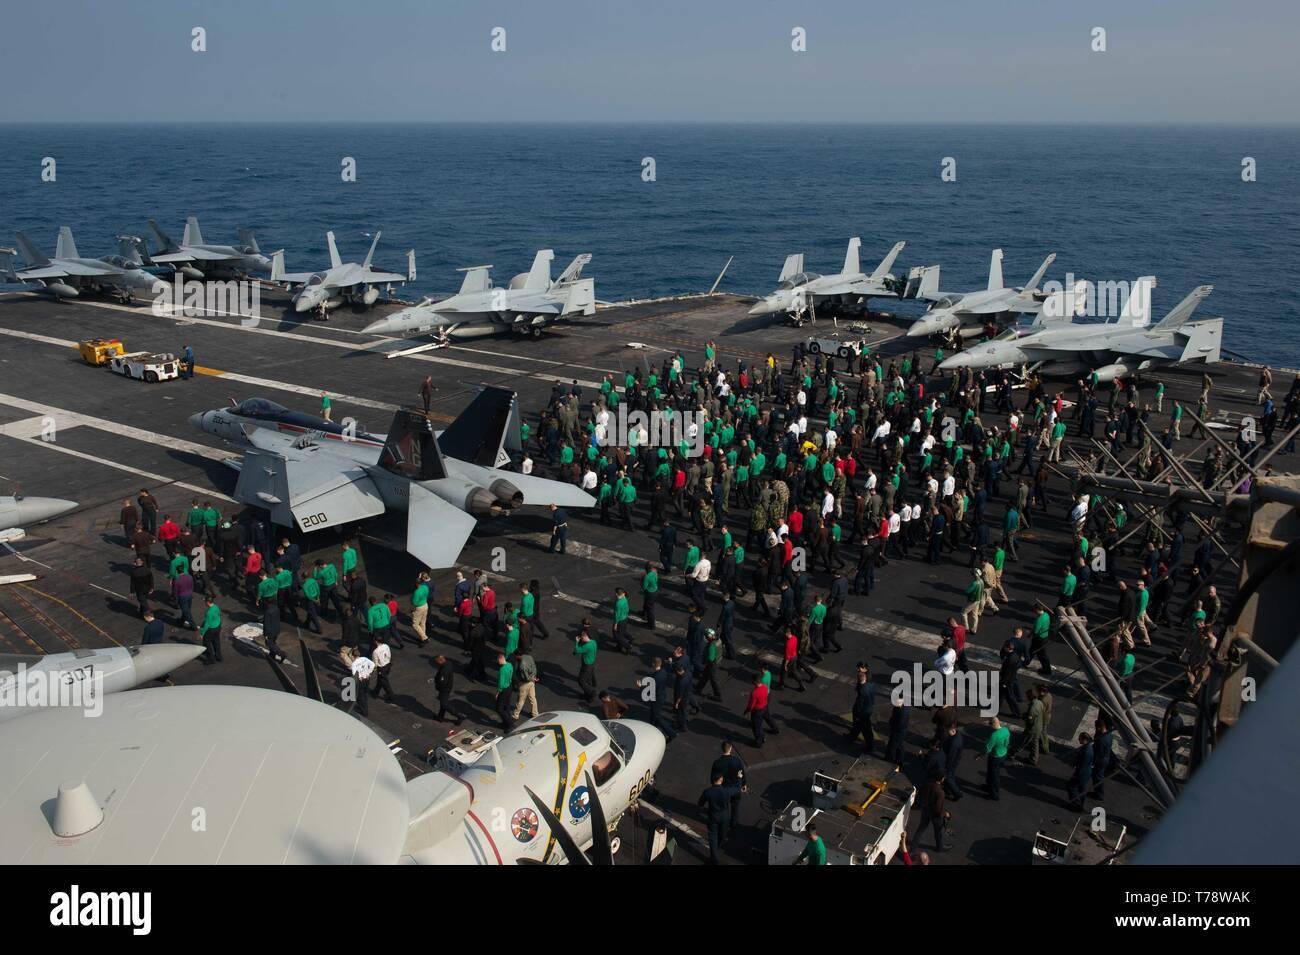 Les marins américains participent à un objet étranger walkdown débris sur le pont du porte-avions USS JOHN C. STENNIS (CVN 74) dans le détroit de Gibraltar, le 3 mai 2019. Le John C. Stennis (Groupe JCSCSG) est déployée à l'appui des efforts de coopération en matière de sécurité maritime dans la sixième flotte américaine zone de responsabilité. (U.S. Photo par marine Spécialiste de la communication de masse Seaman Apprentice Jordanie Ripley) Photo Stock